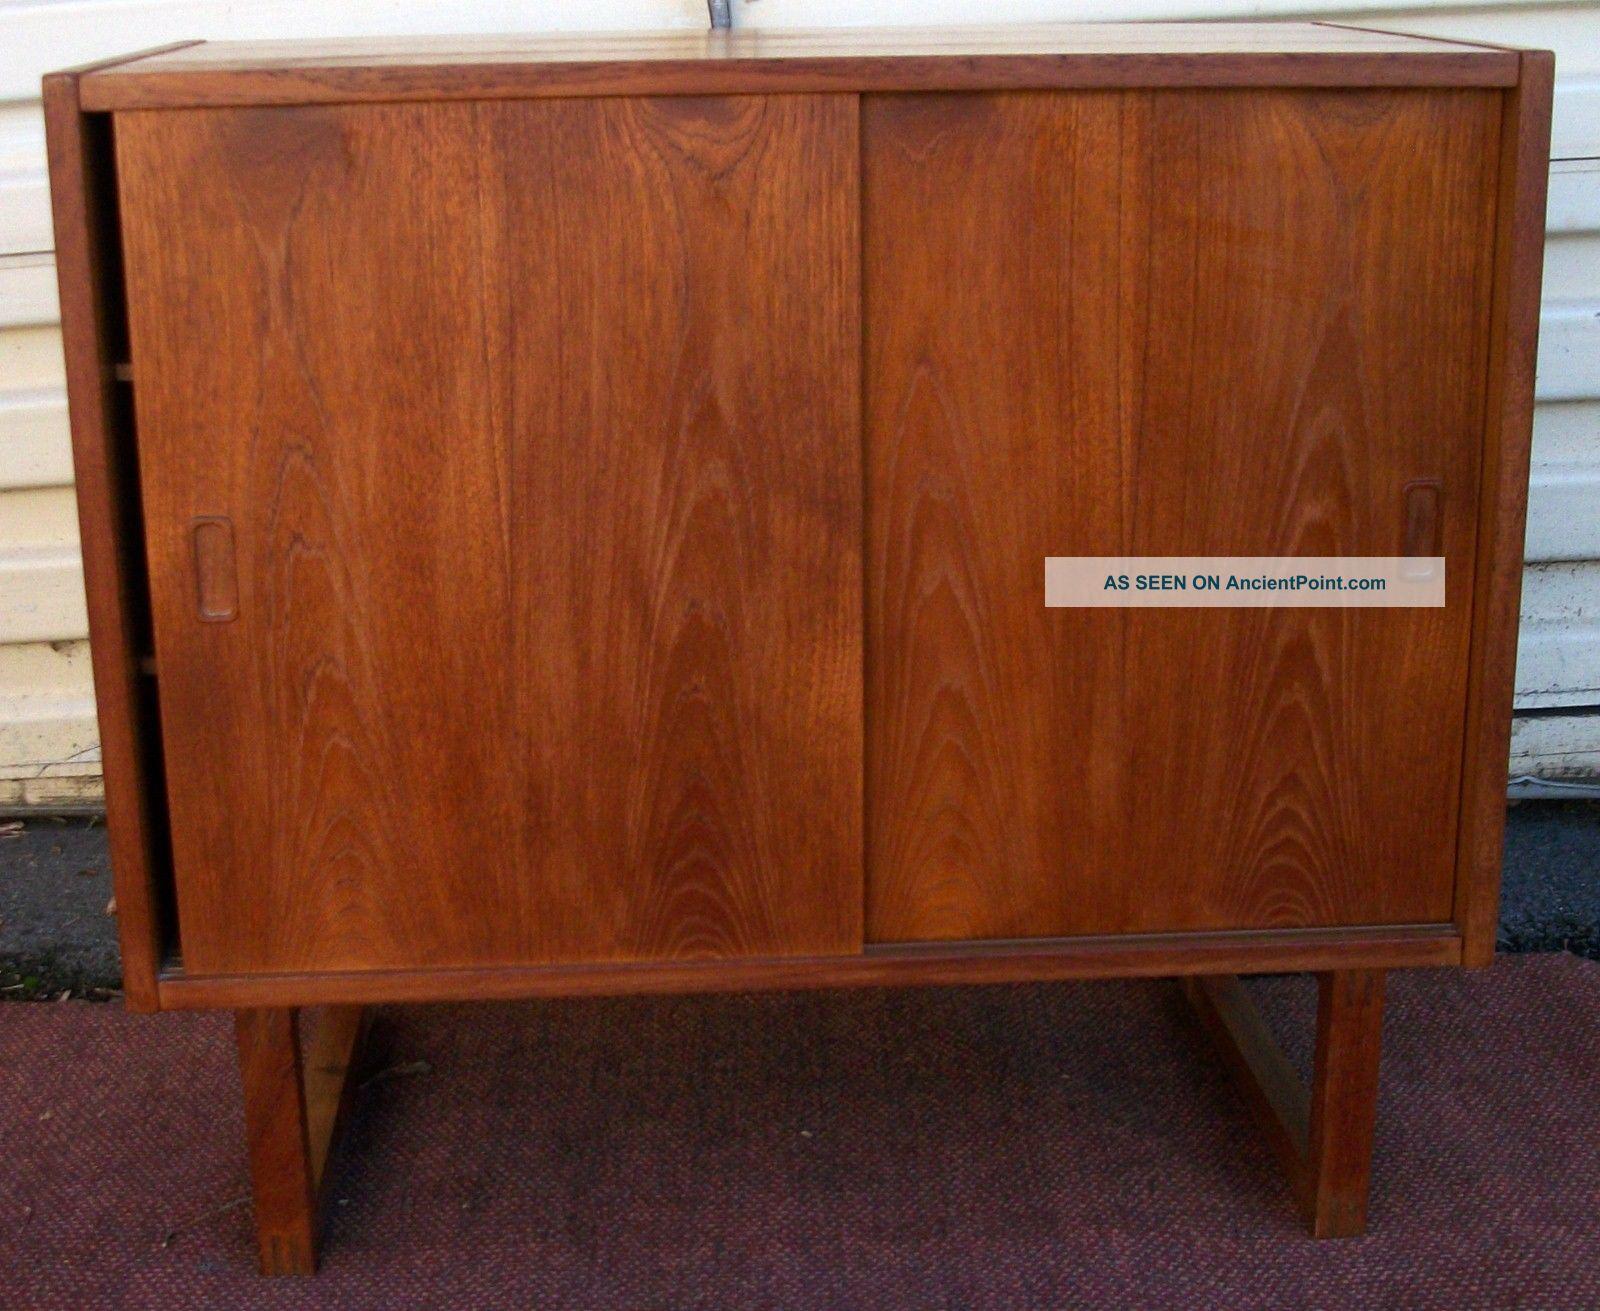 Vintage Mid Century 1960s Danish Modern Teak Credenza Cabinet Made In Denmark Mid-Century Modernism photo